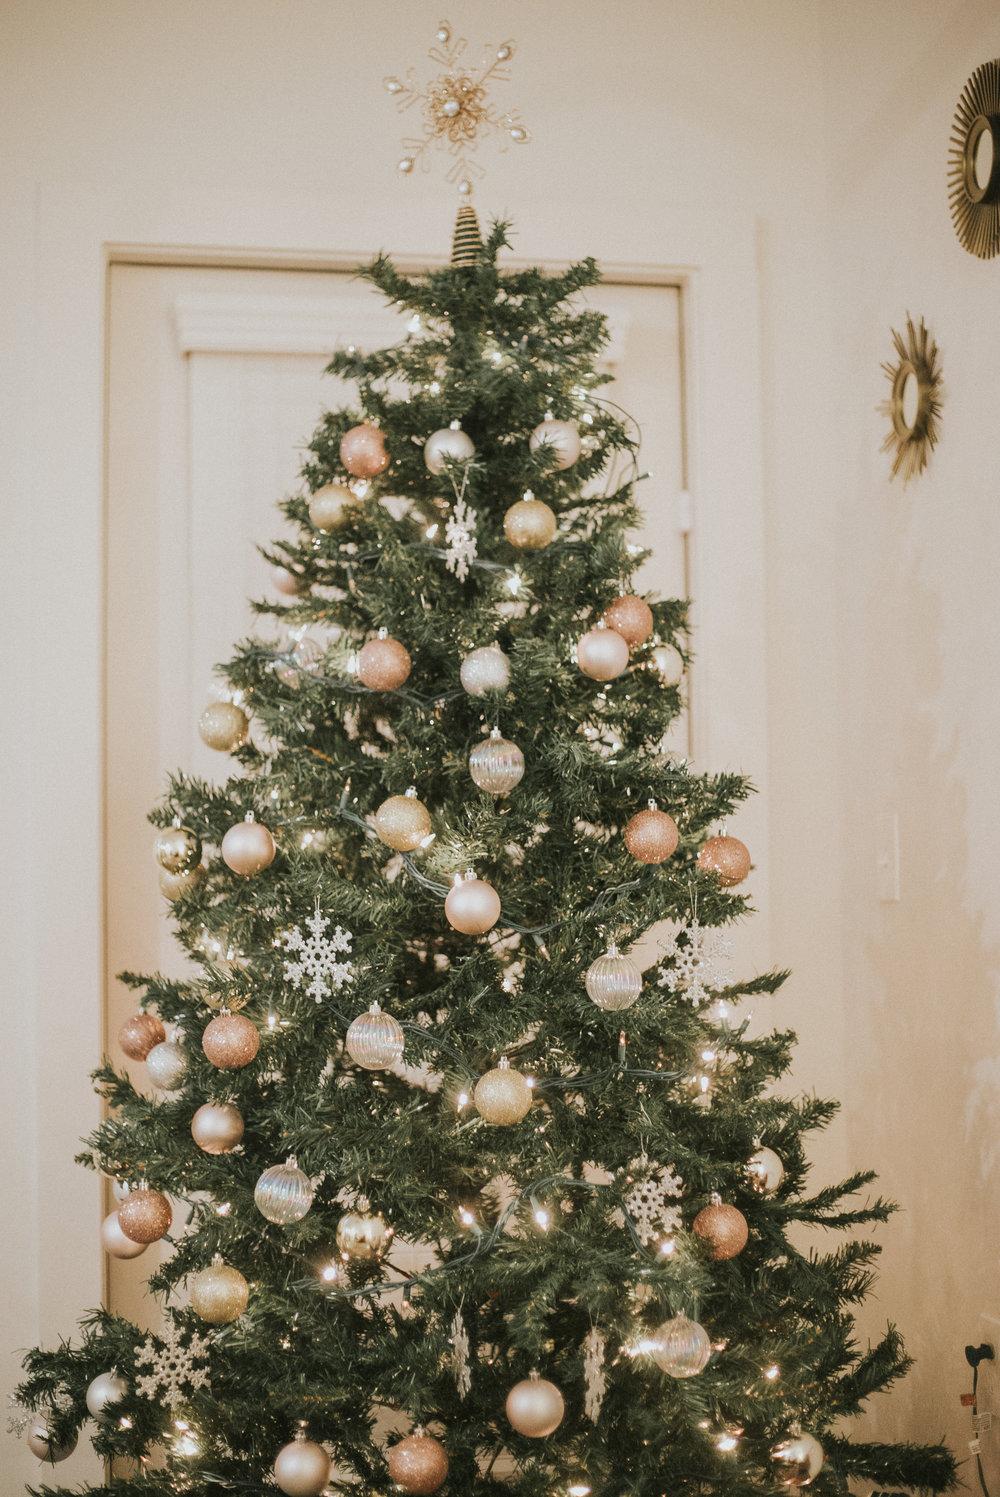 STEPHANIE_CHRISTMAS-84.jpg